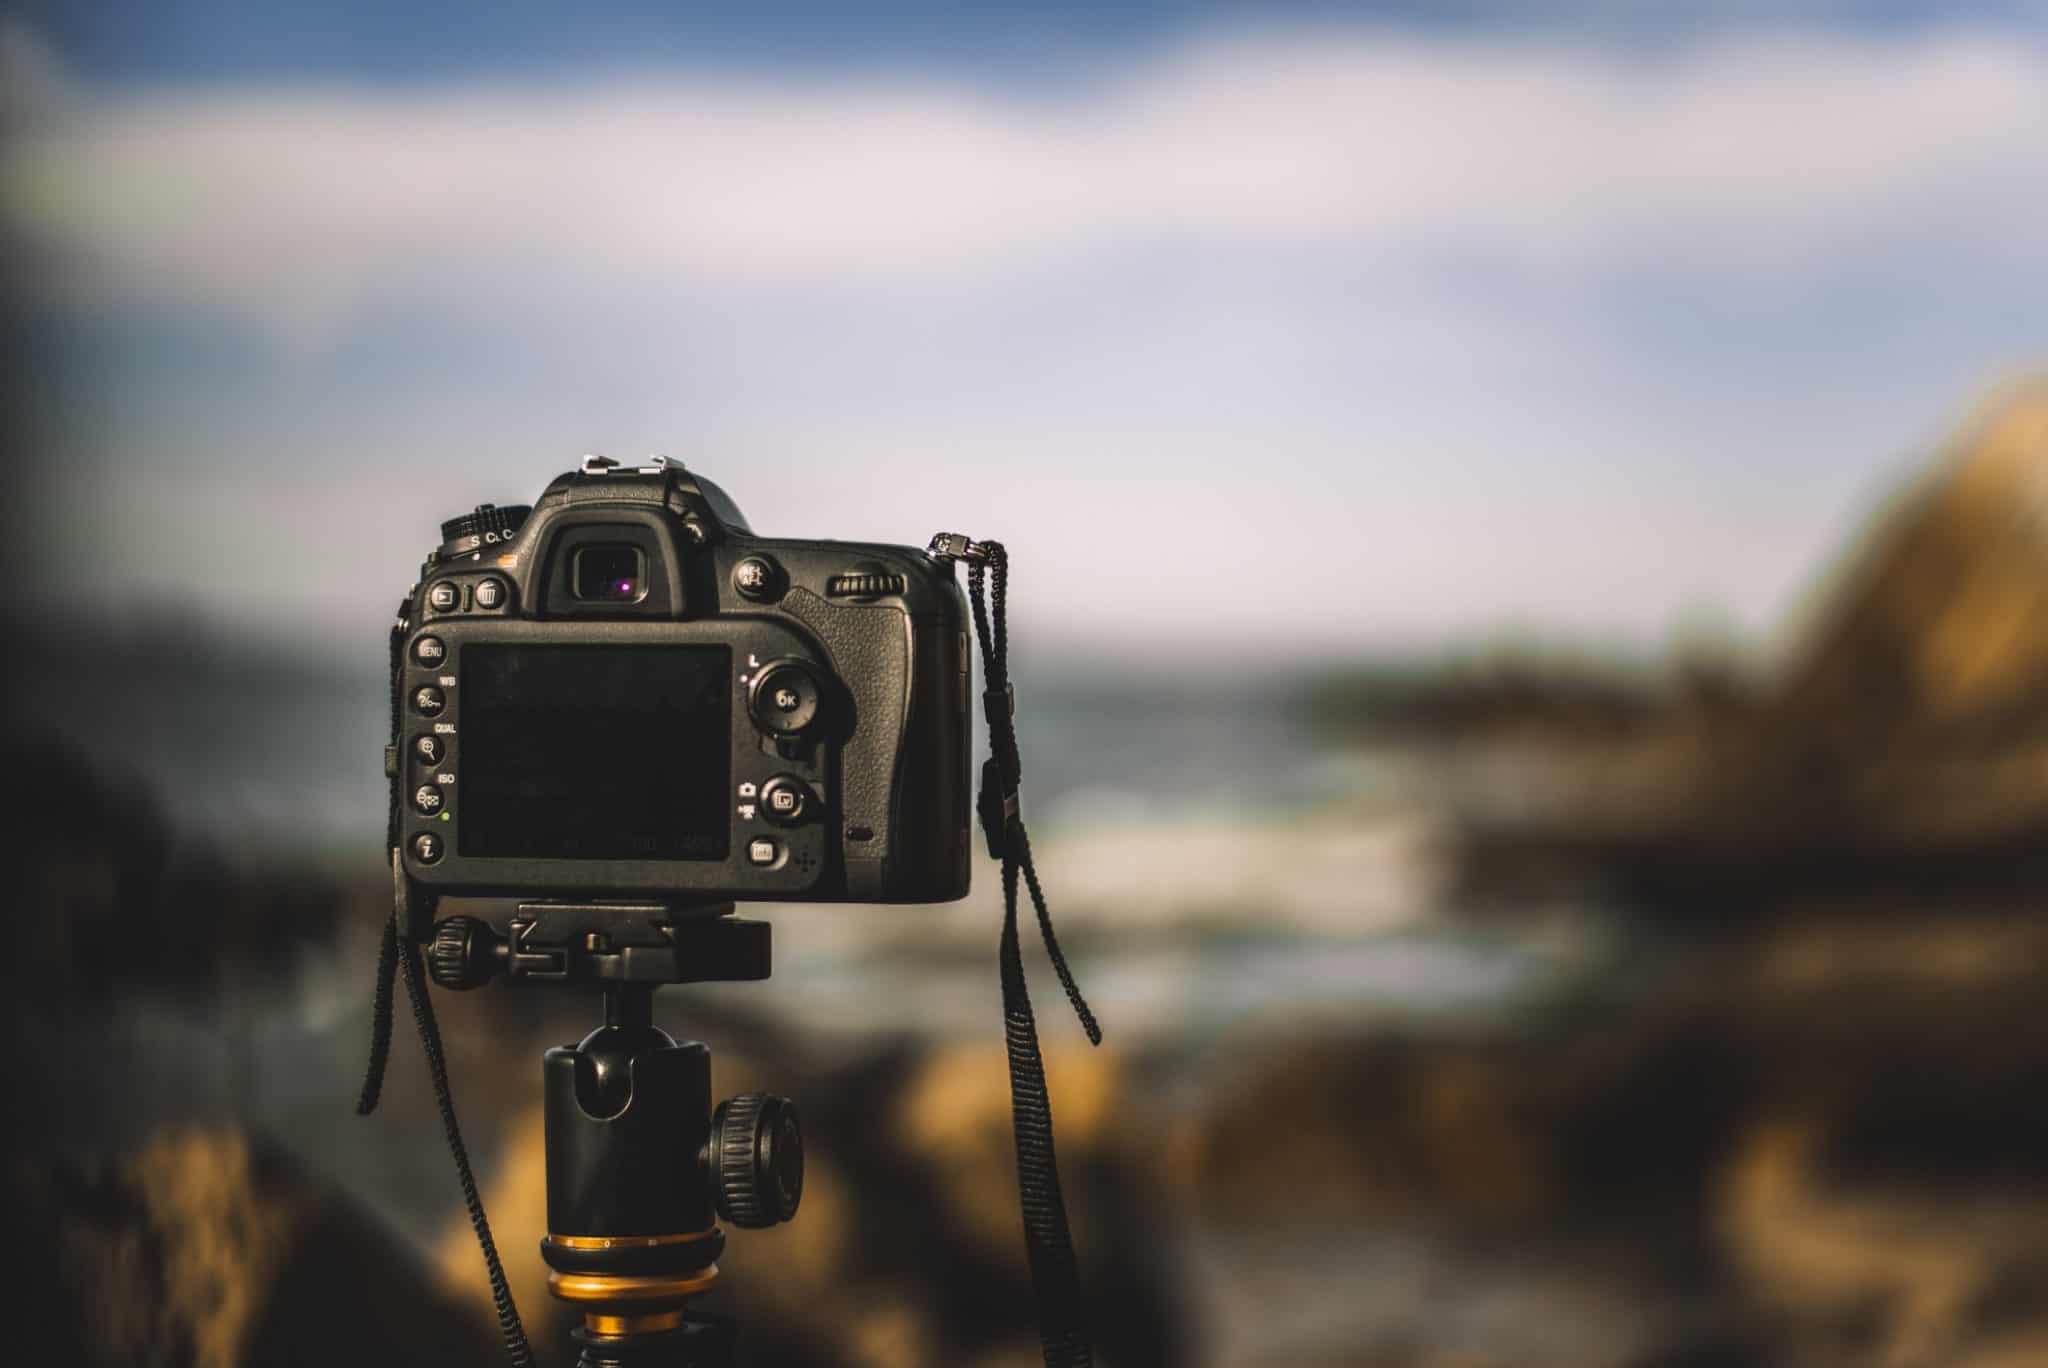 Camera still